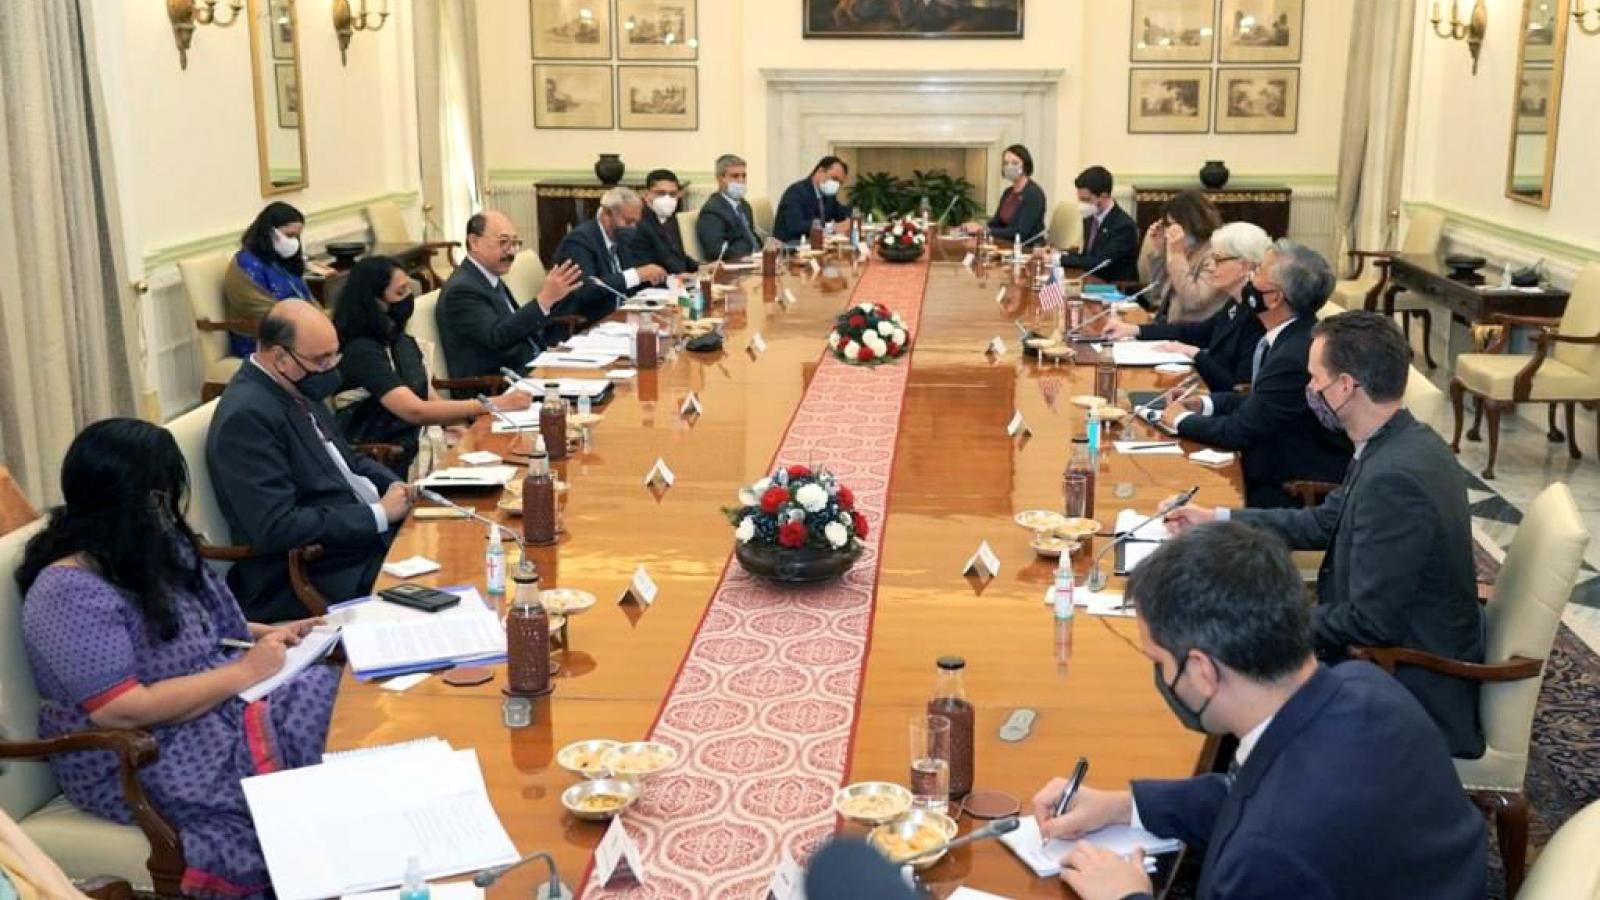 Ấn Độ và Mỹ ủng hộ trật tự quốc tế dựa trên luật lệ